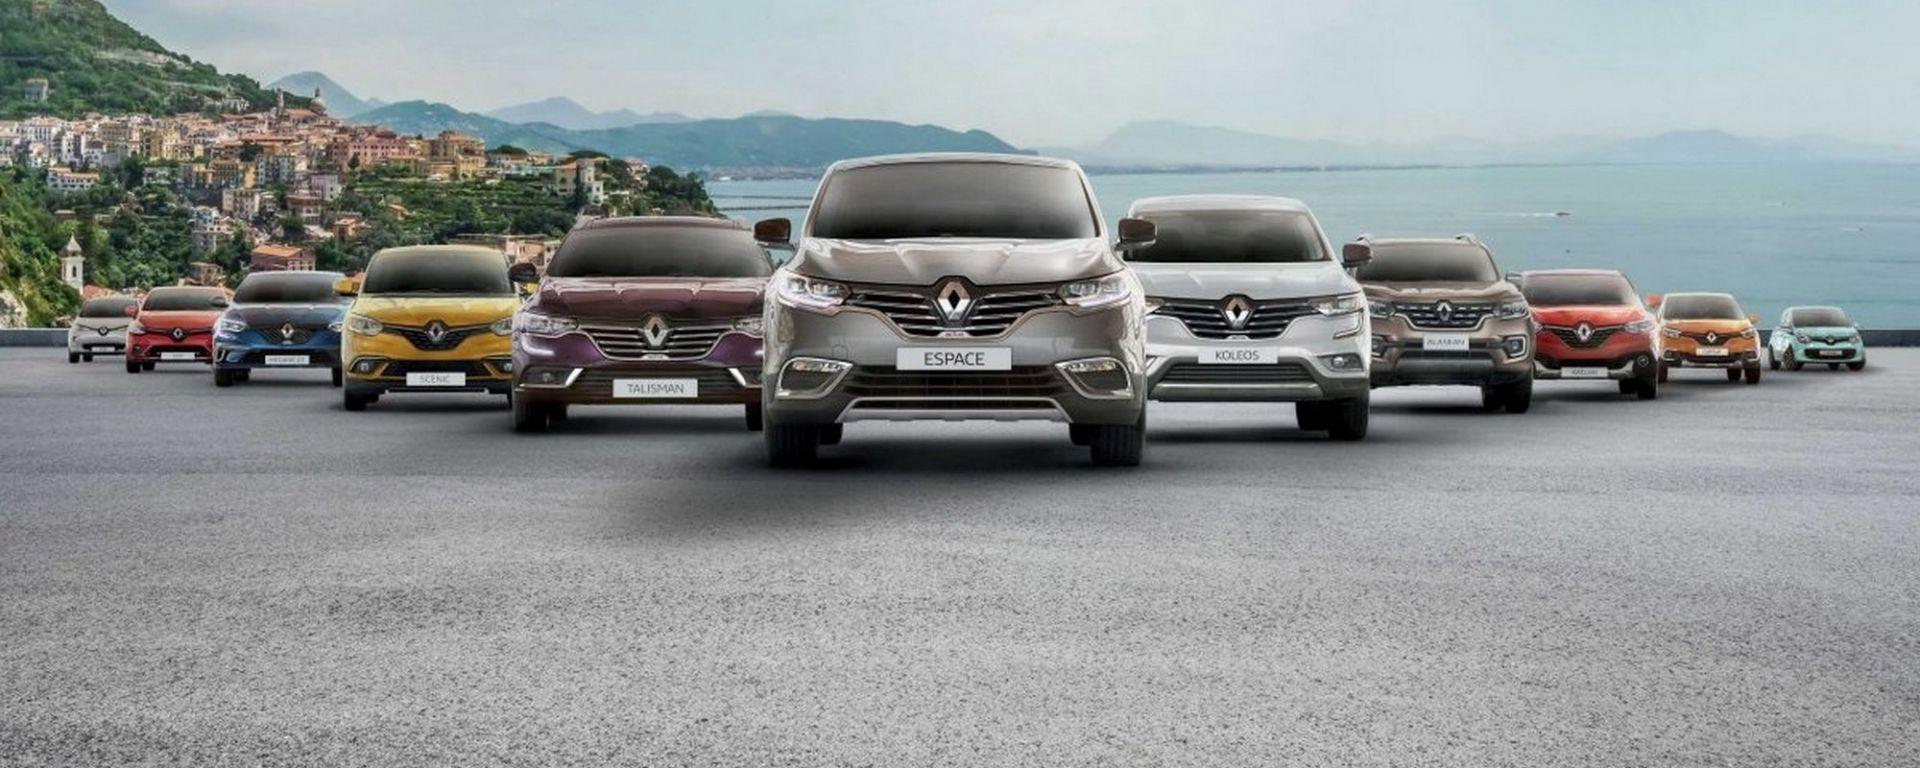 Renault: il 4° marchio in Italia per il quinto anno consecutivo